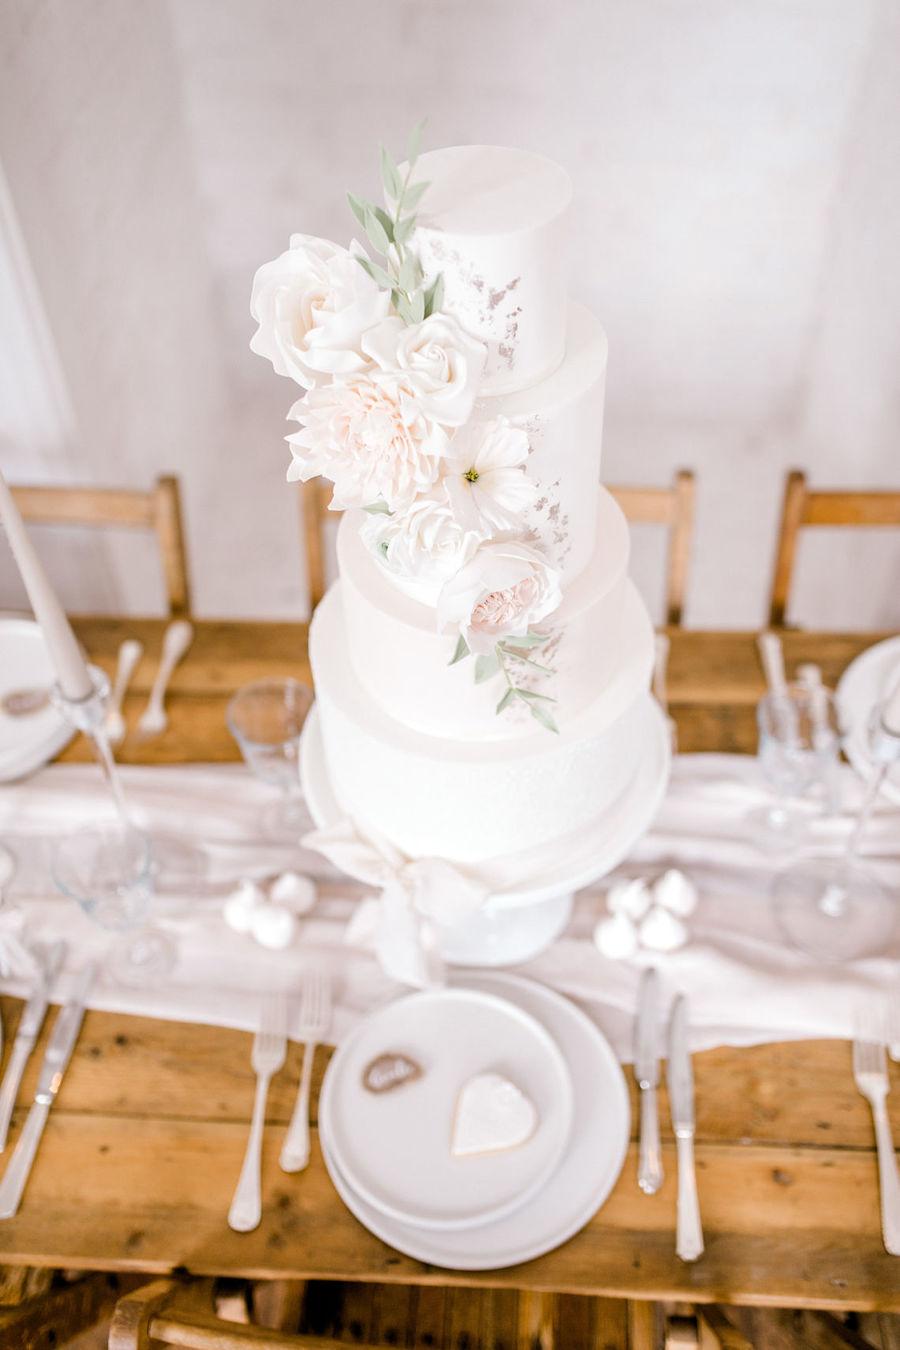 Minimal elegant wedding style ideas by Wildflower Wedding Planner Natasha, images Helene Elliott Photography (33)